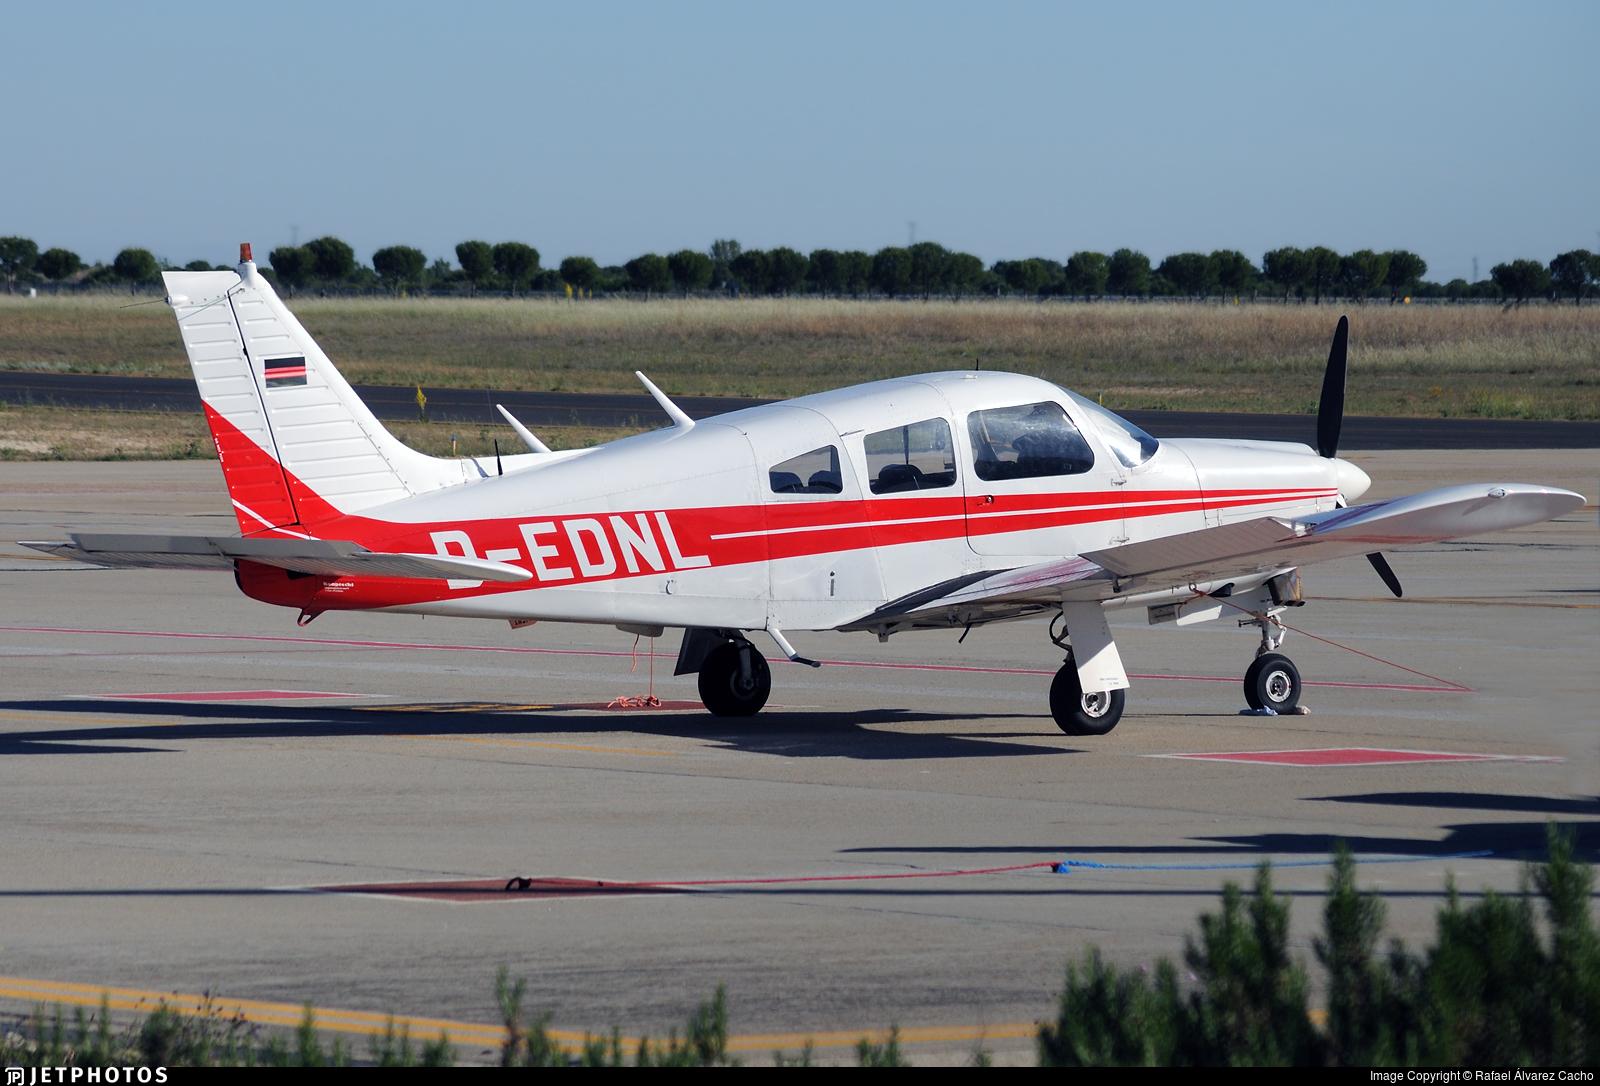 D-EDNL - Piper PA-28R-200 Cherokee Arrow II - Private